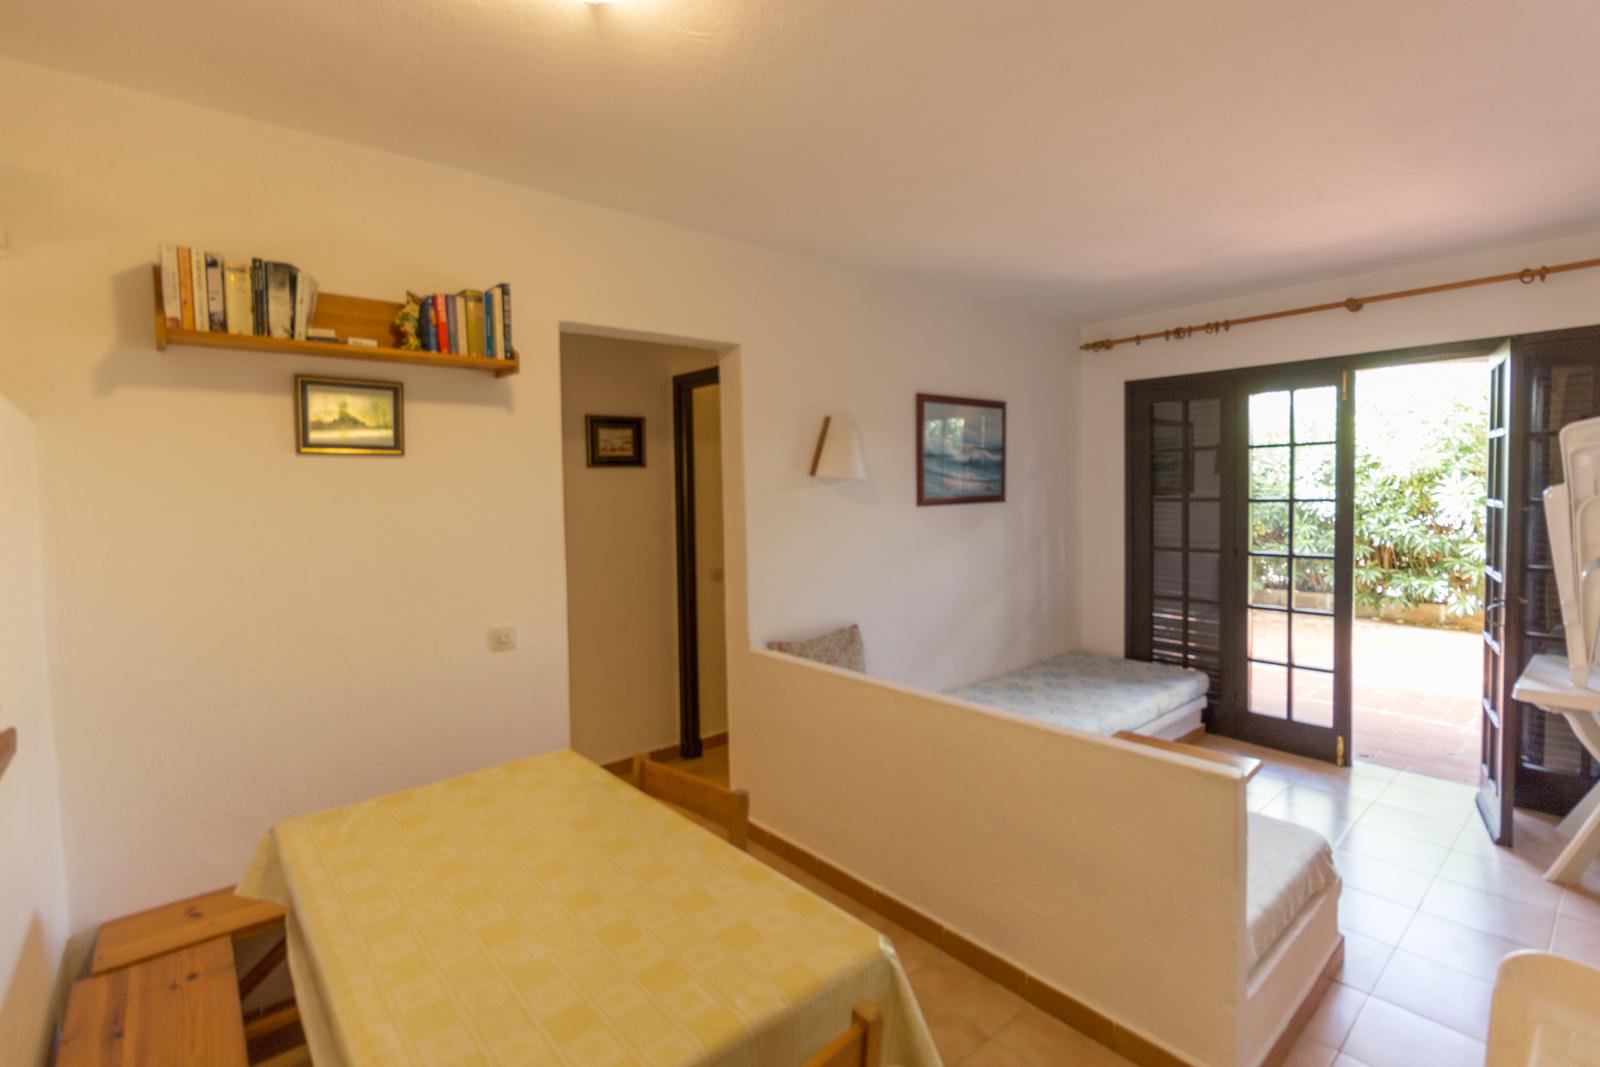 Wohnung in Son Parc Ref: M7728 (2) 5